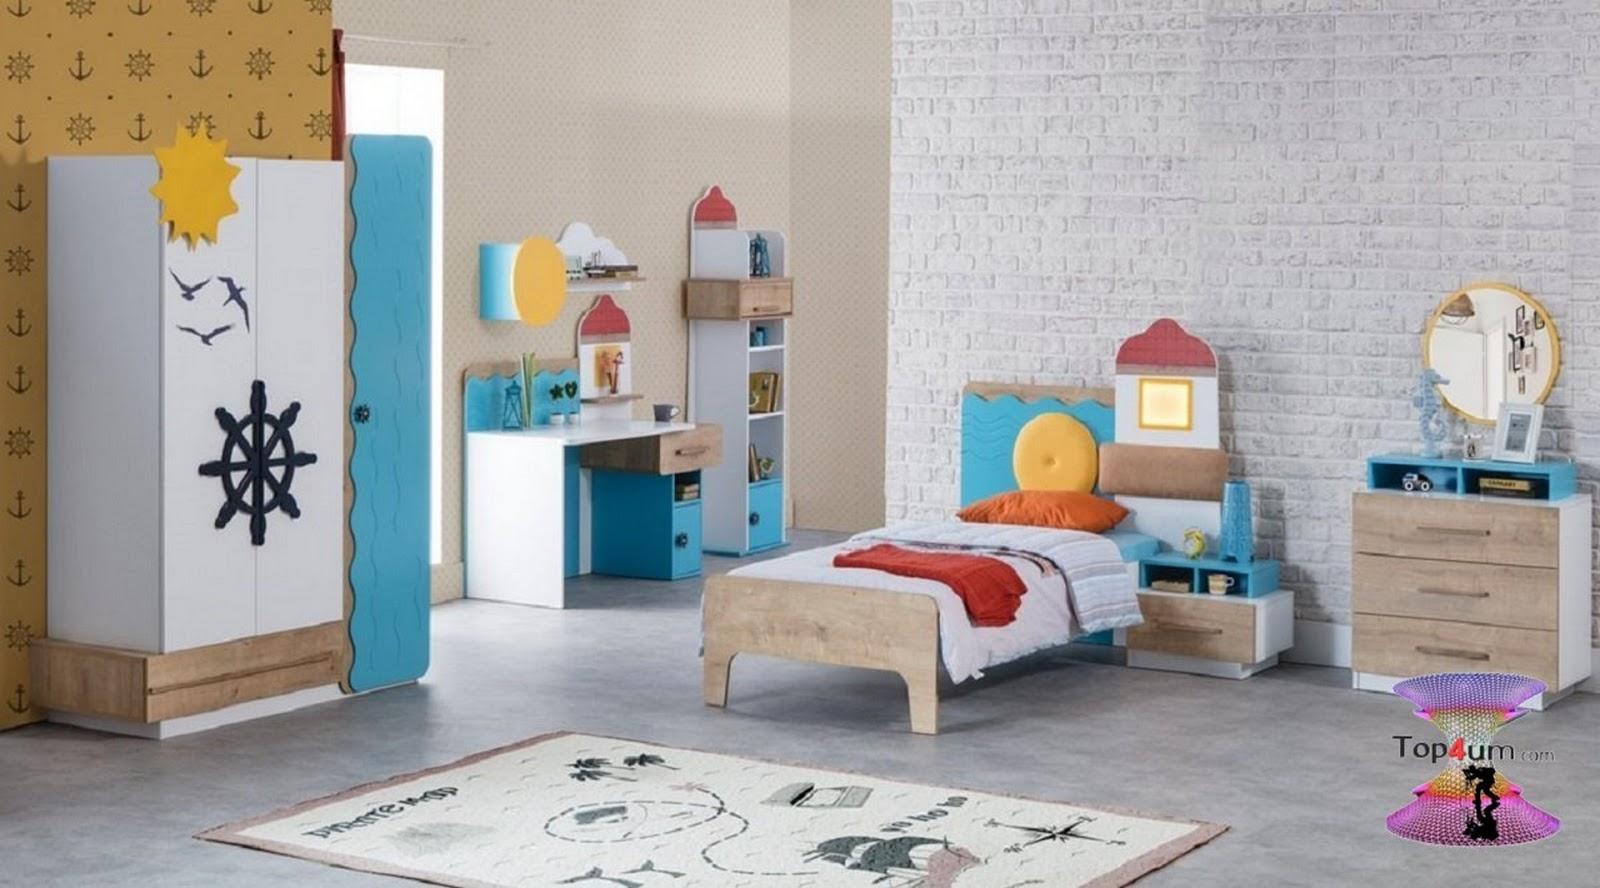 ألوان دهانات غرف أطفال 2020 بأفكار جديدة وغير تقليدية Top4